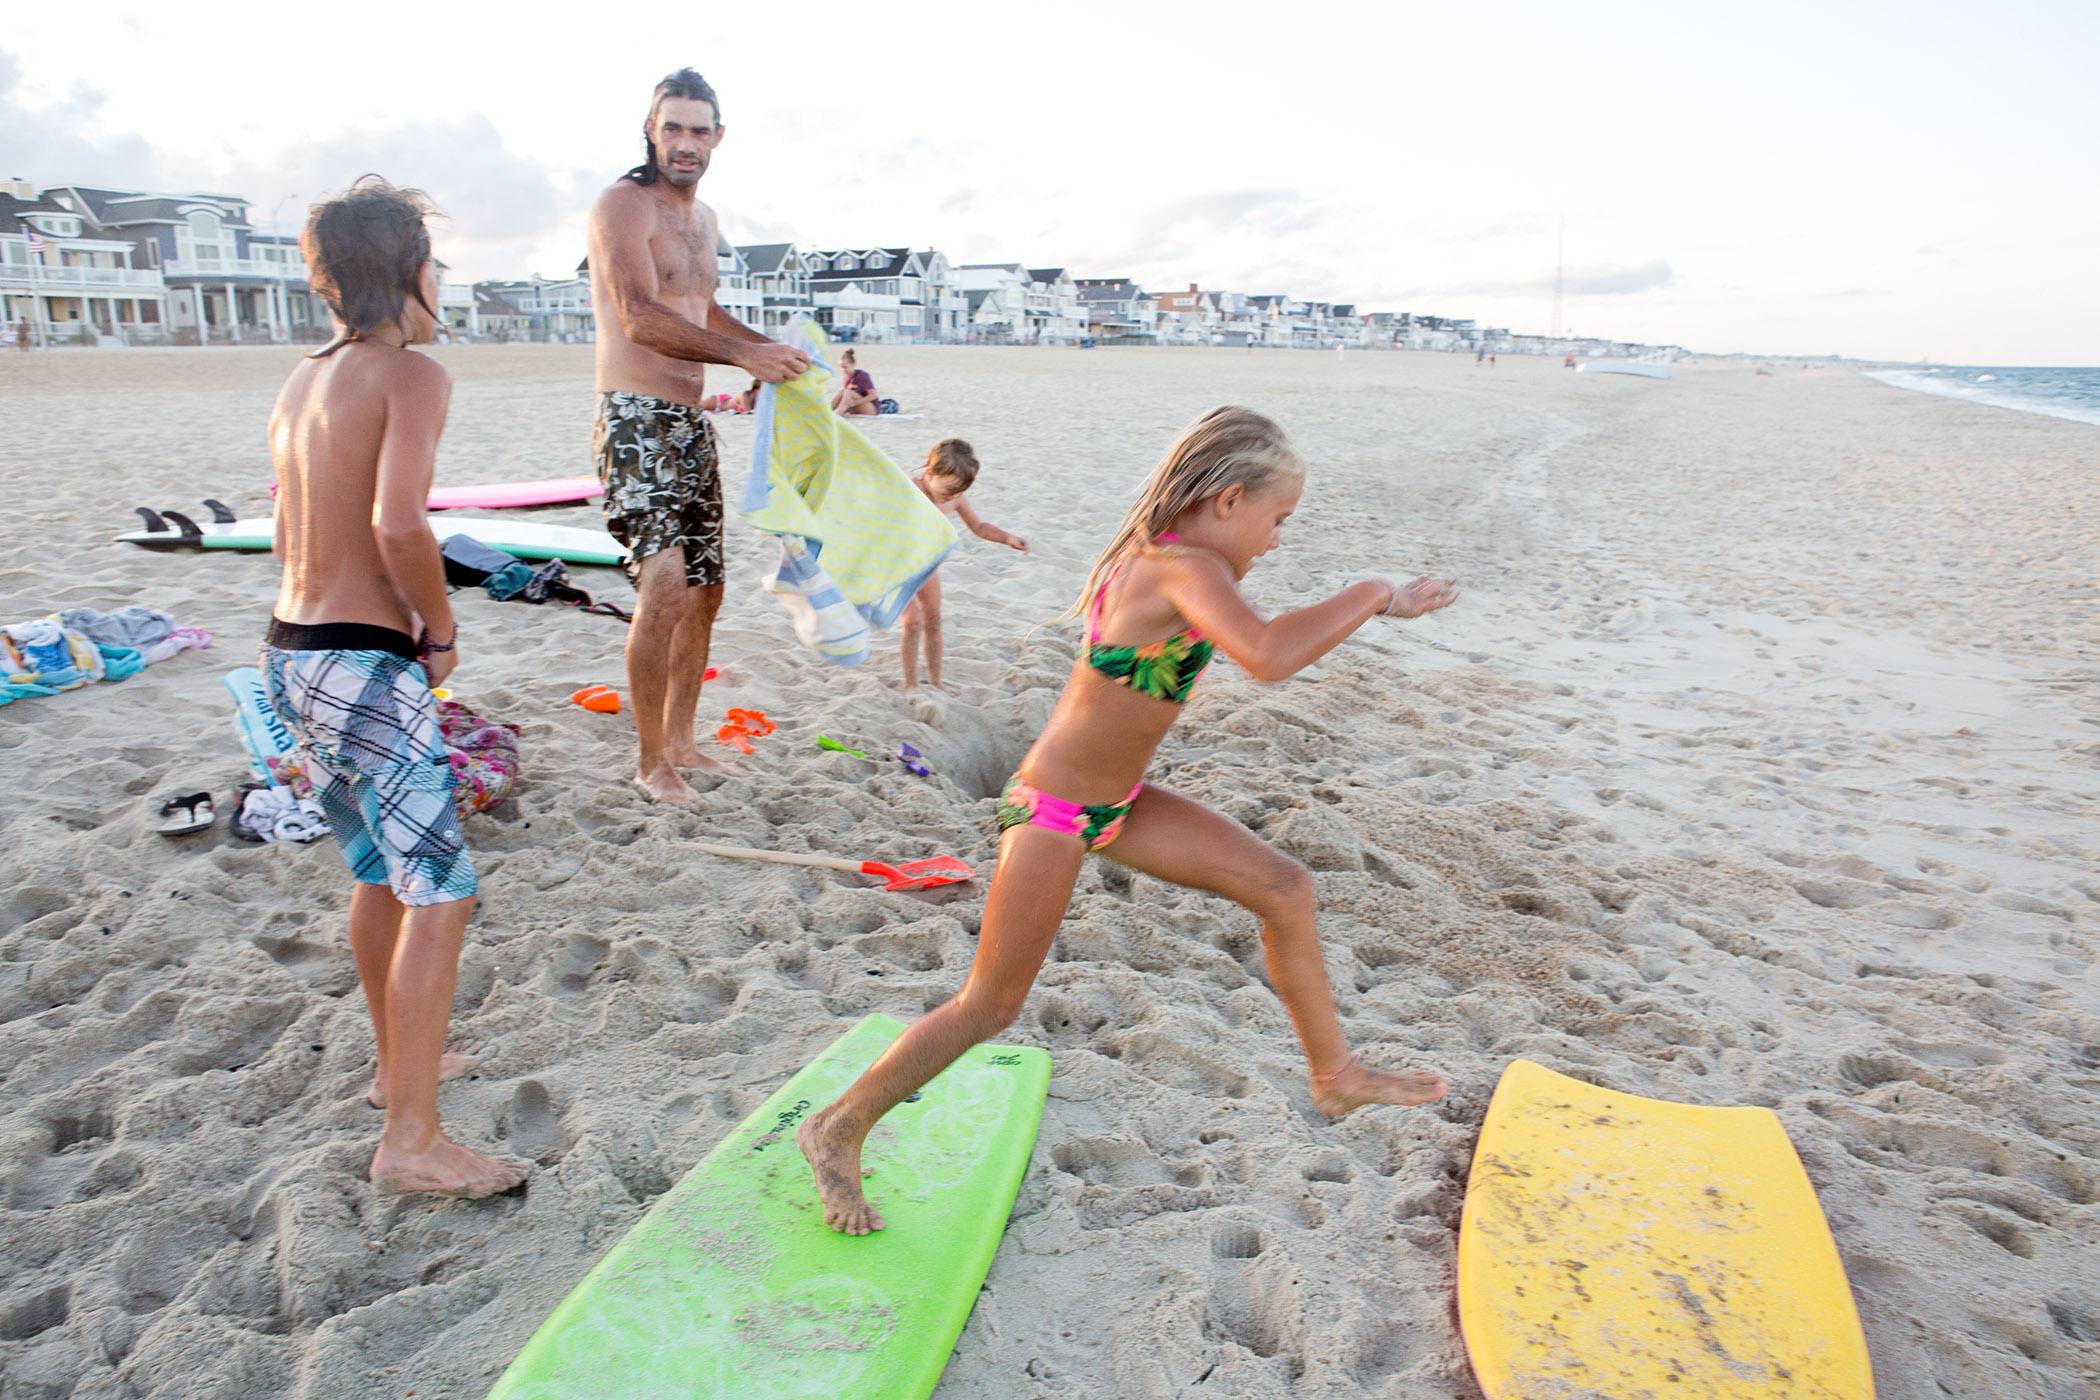 beachfam_WEX5882.F.jpg